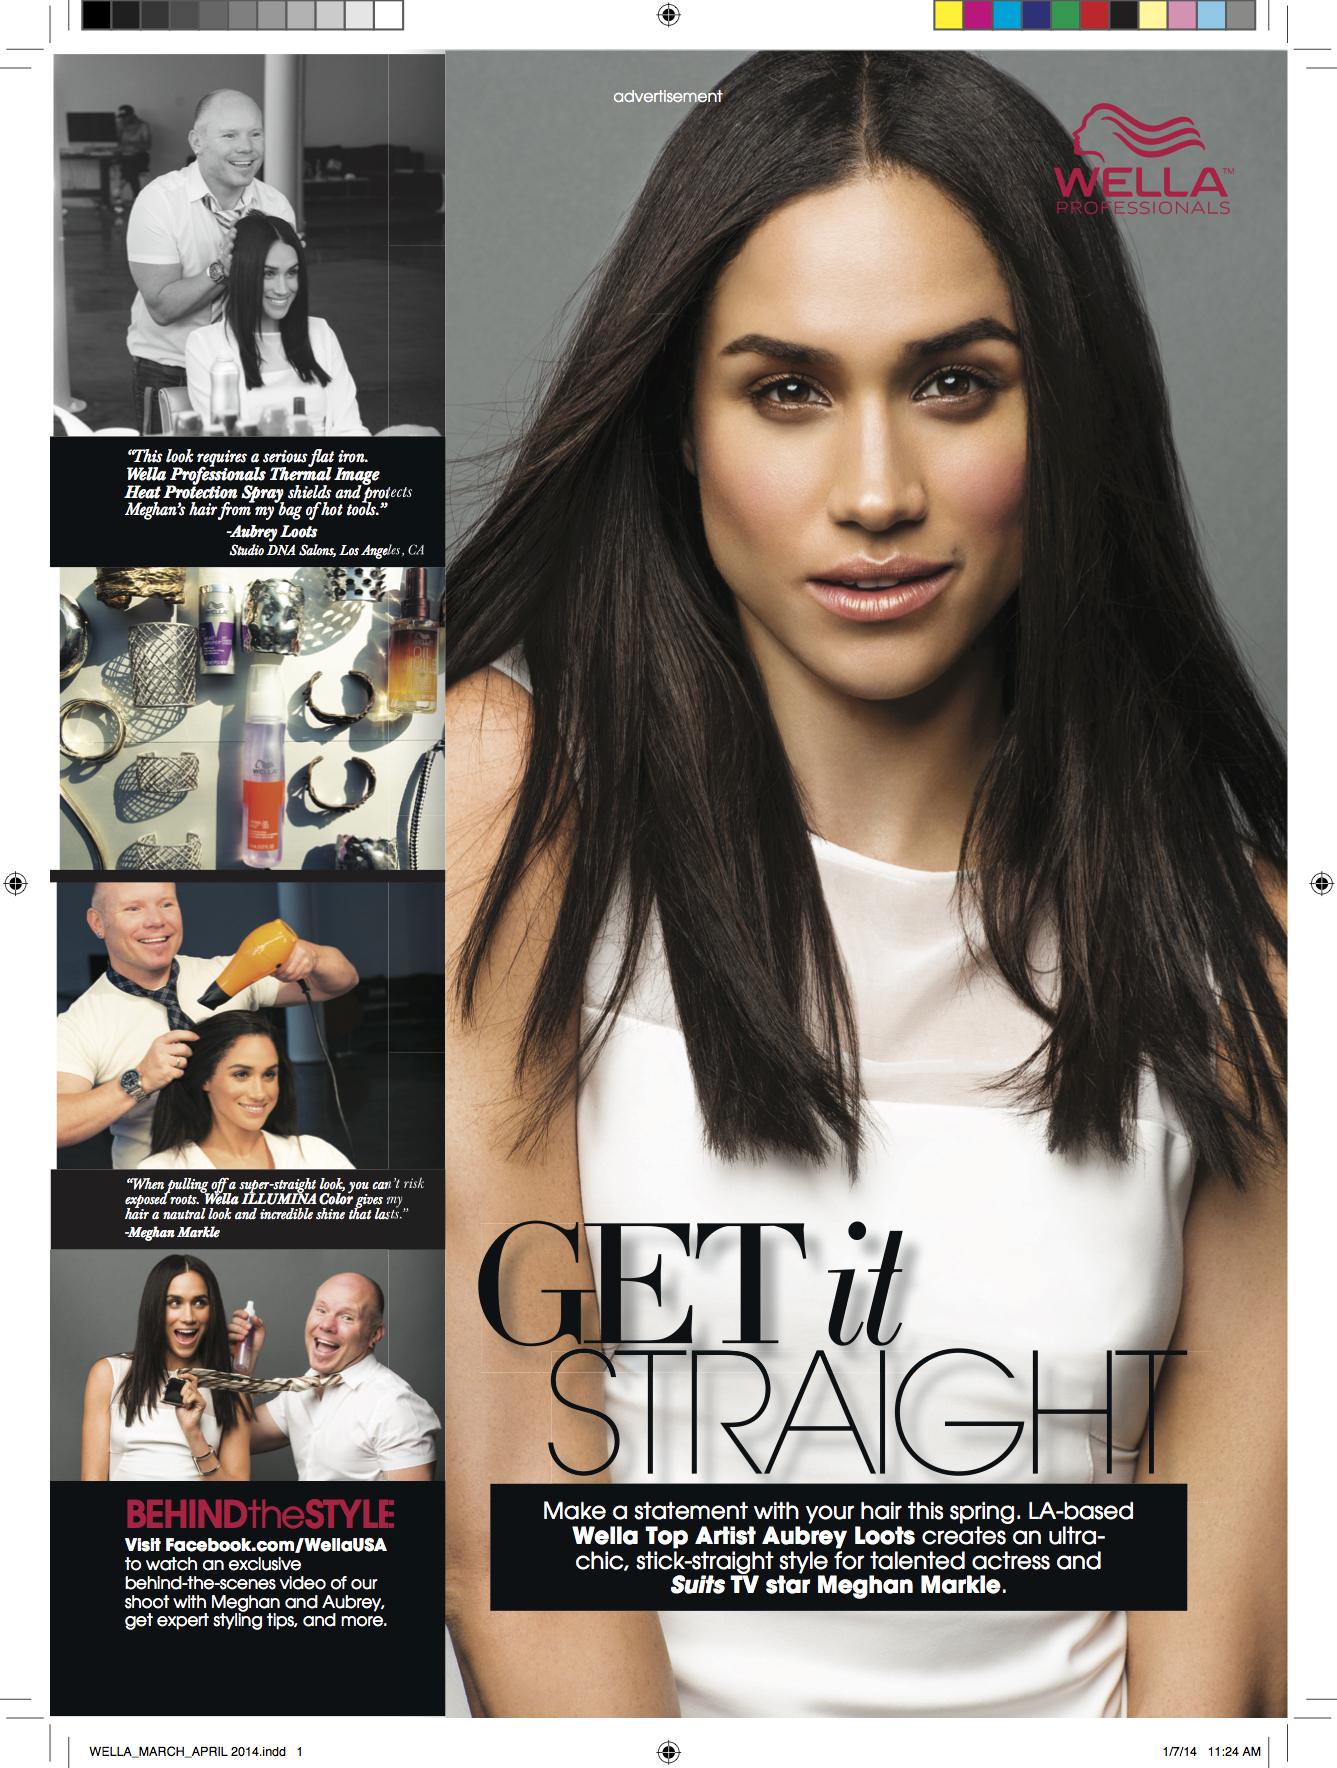 Elle Magazine Mar '14 - 2.jpg